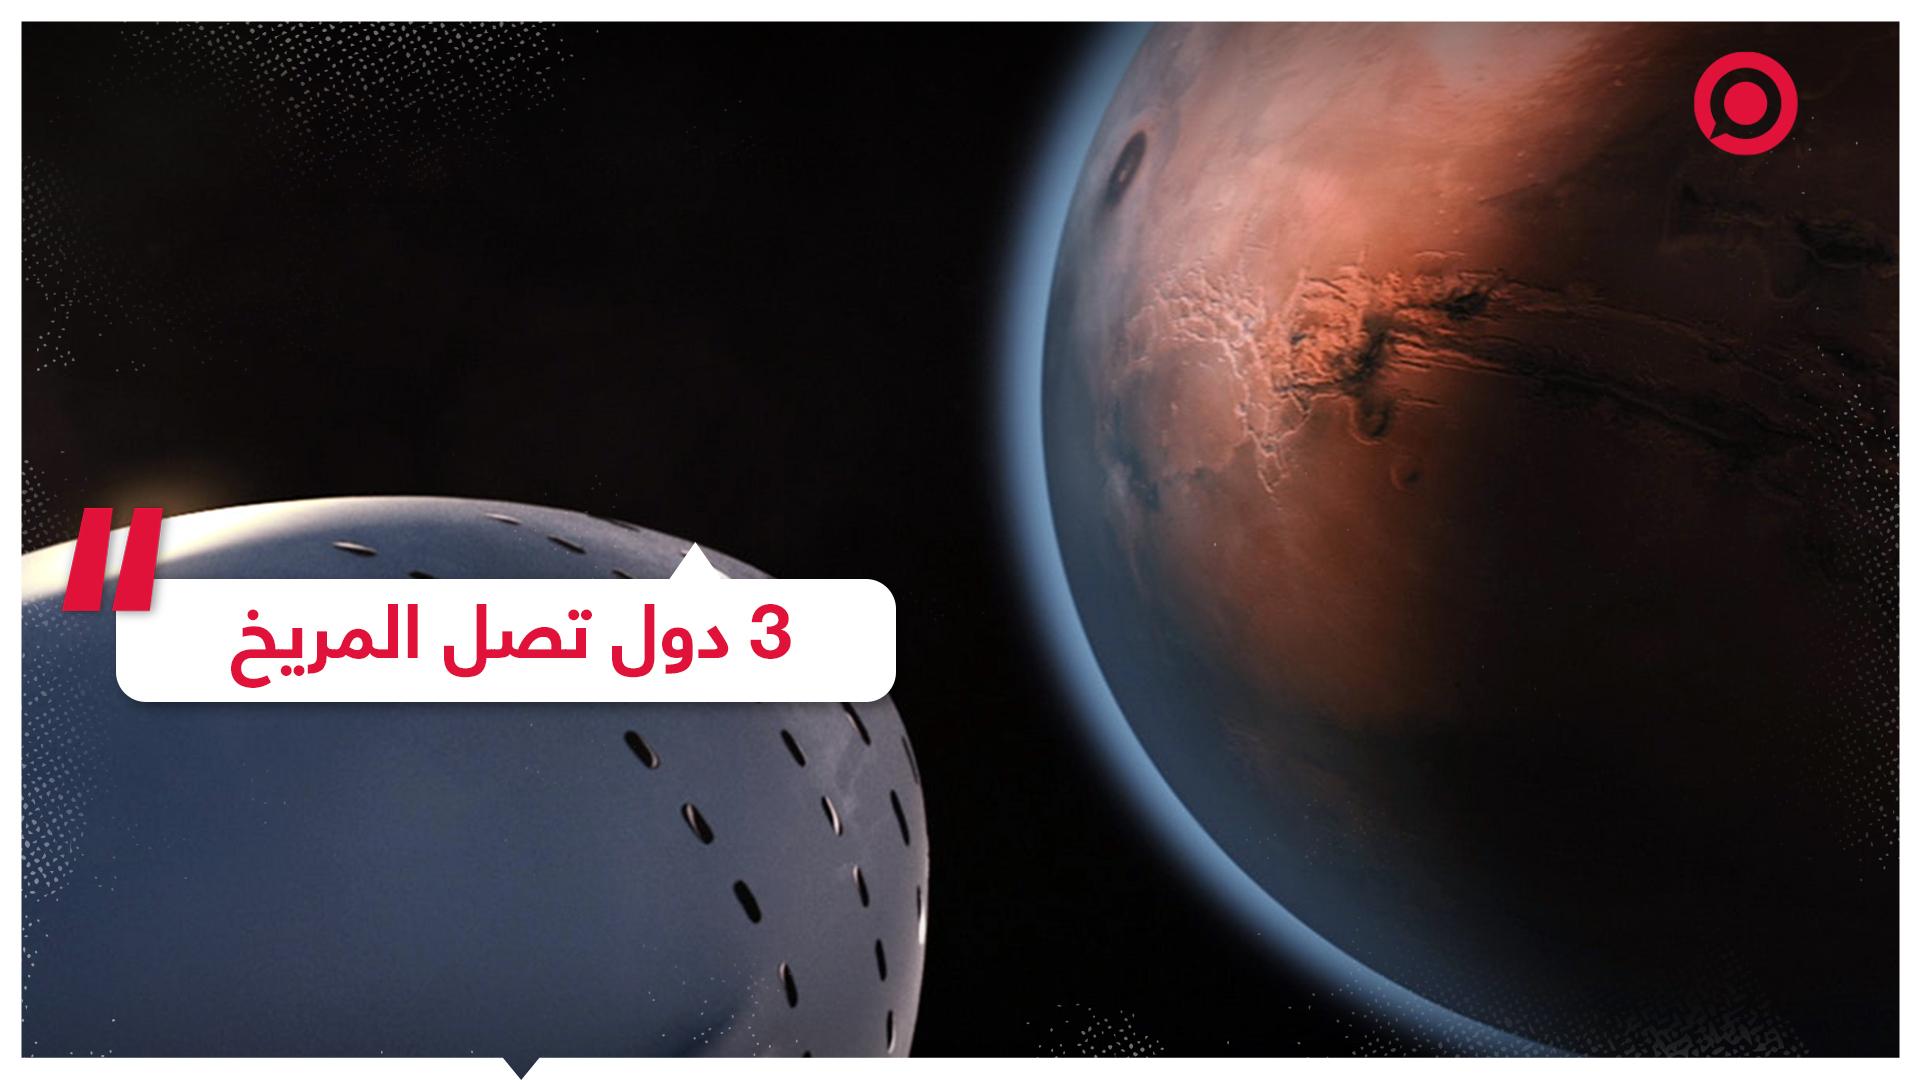 3 دول ستصل إلى كوكب المريخ خلال الأسبوعين المقبلين بينها دولة عربية